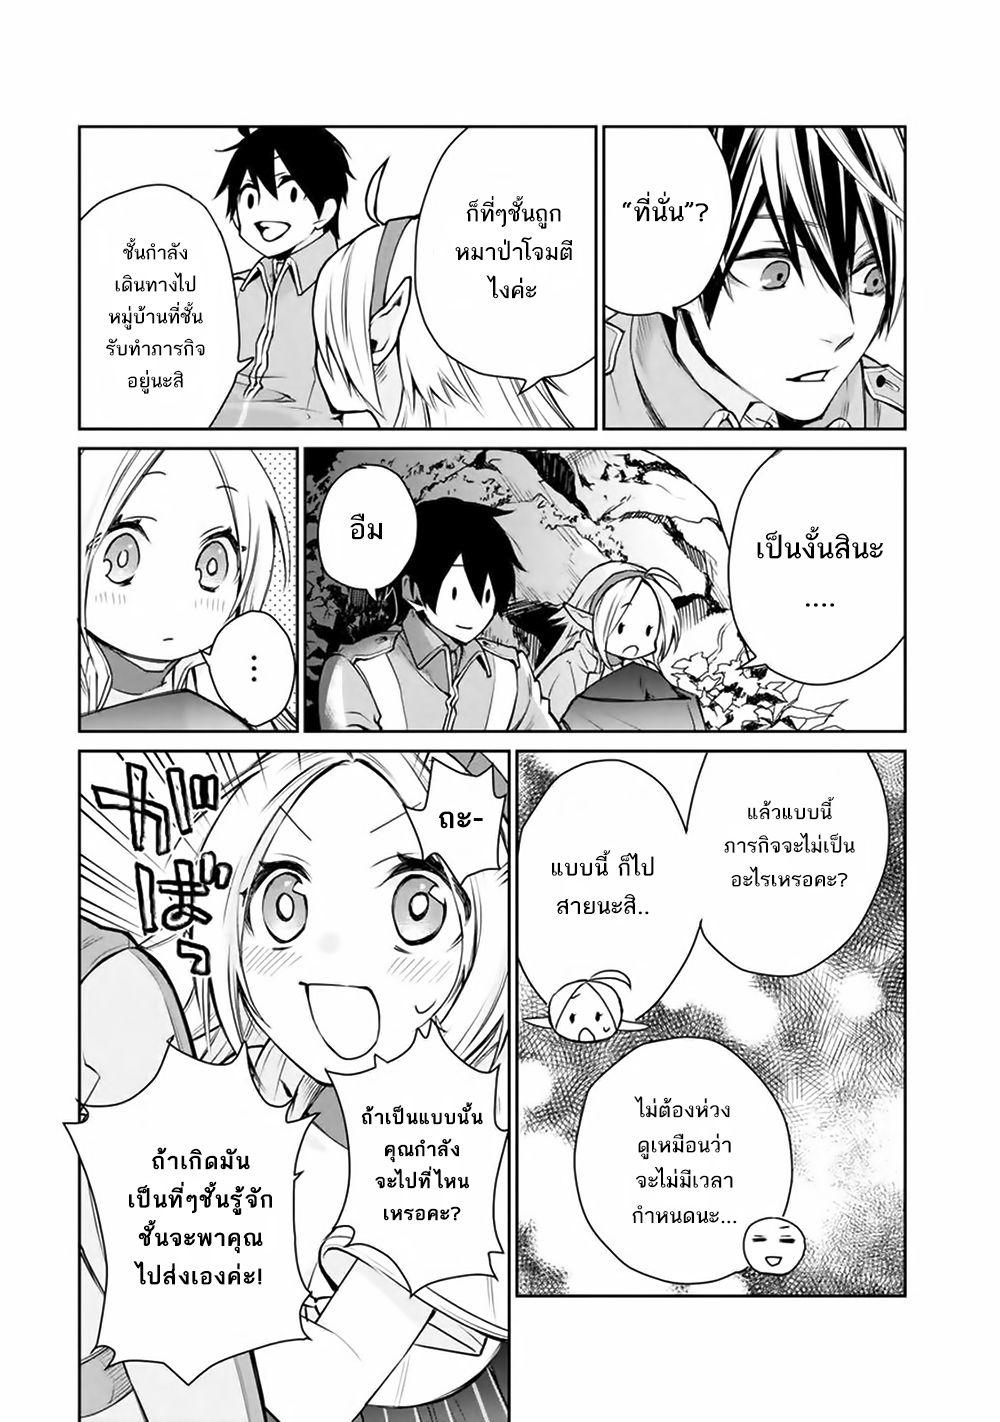 อ่านการ์ตูน Saikyo no mado-shi. Hiza ni ya o ukete shimattanode inaka no eihei ni naru ตอนที่ 1.3 หน้าที่ 16